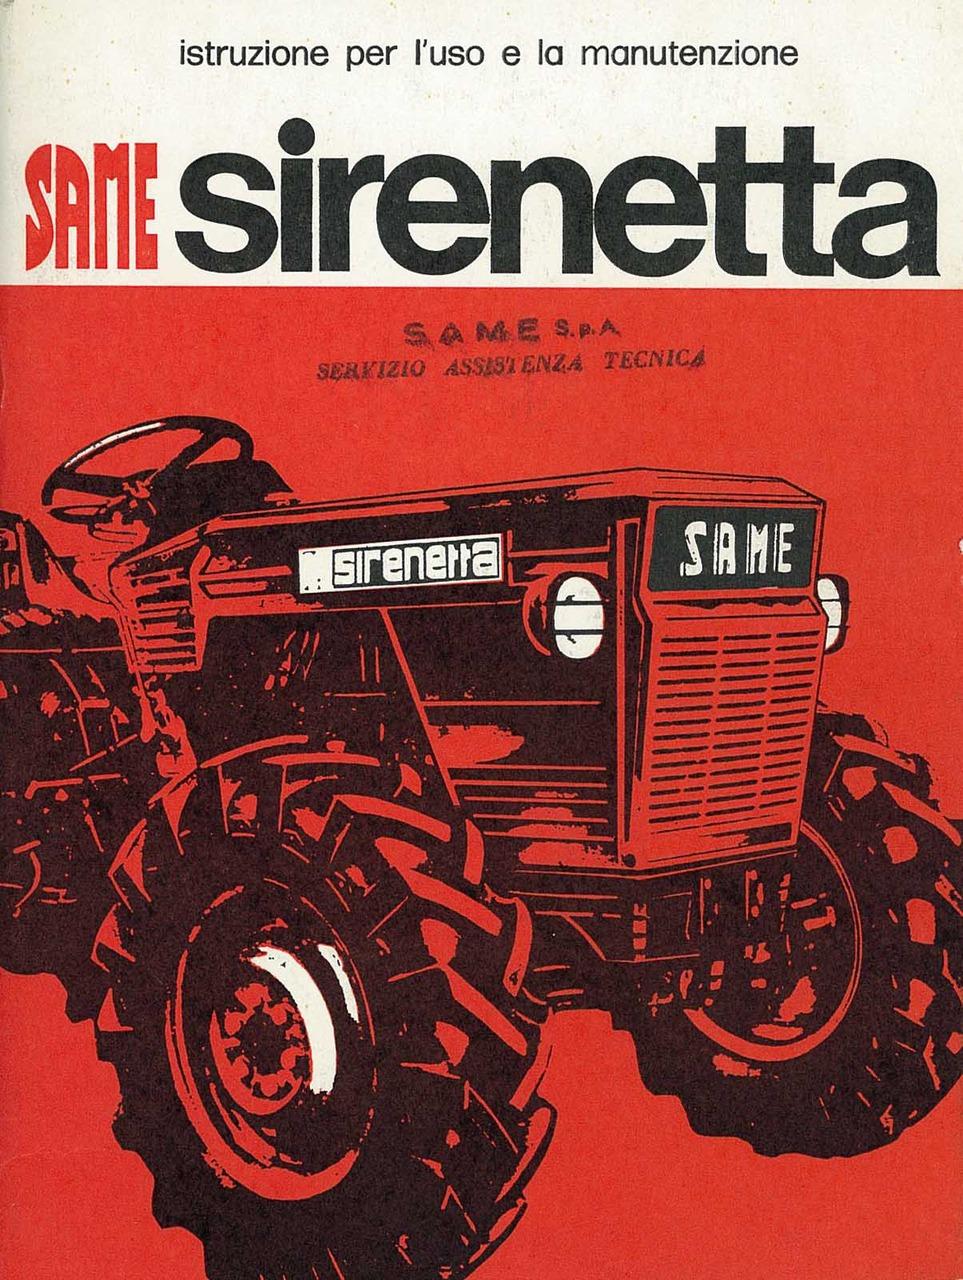 SIRENETTA - Libretto uso & manutenzione